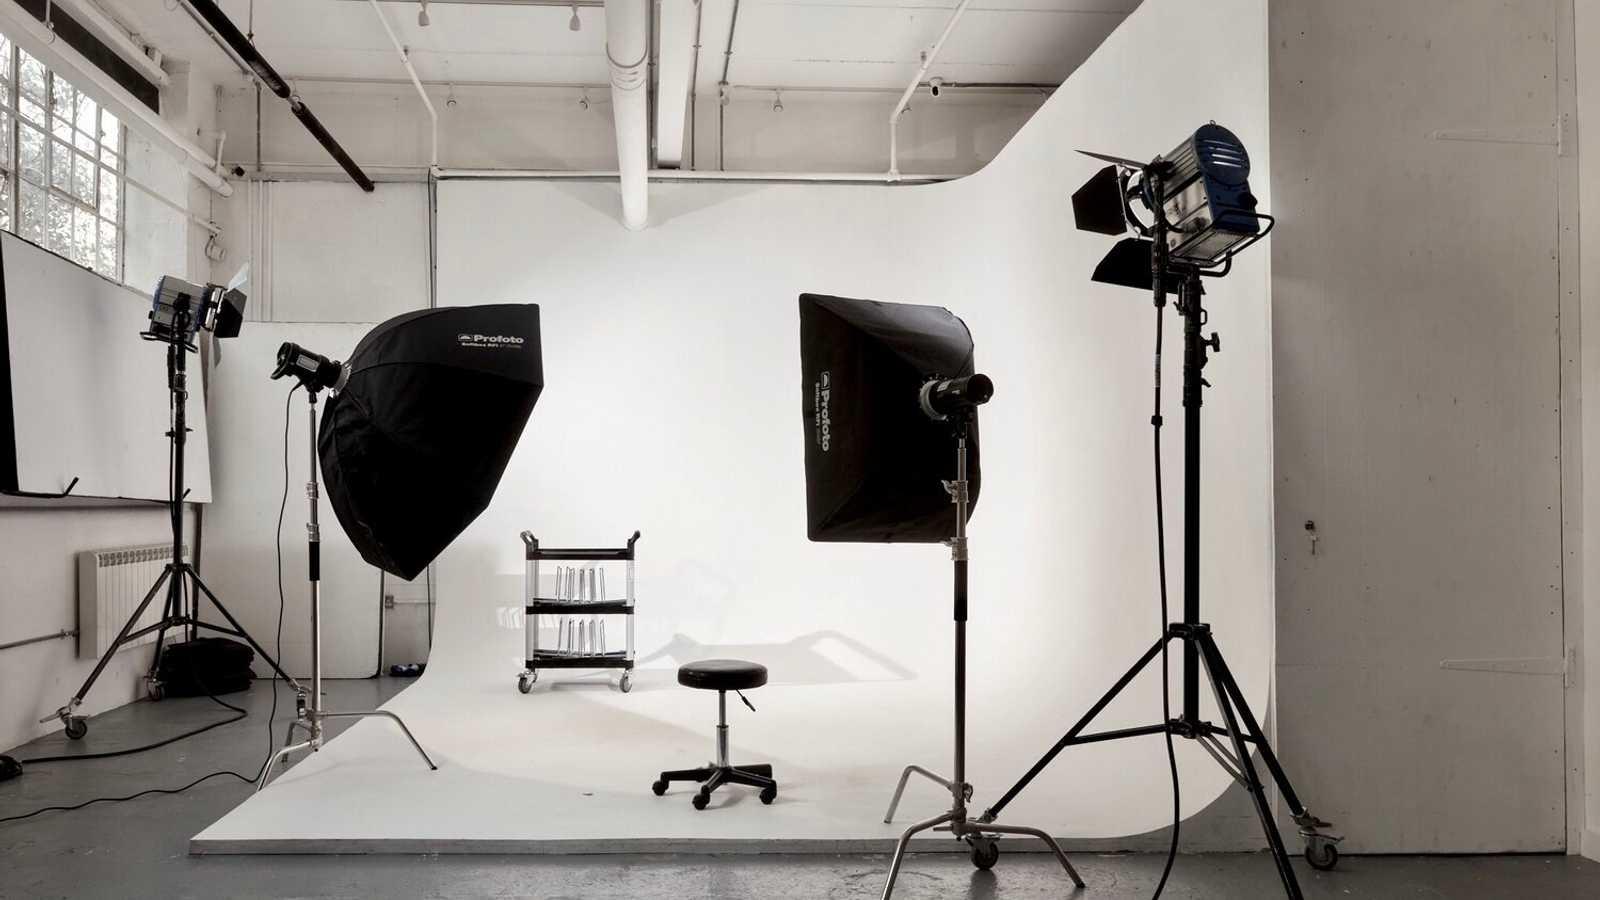 955 sqft Infinity Cove Studio